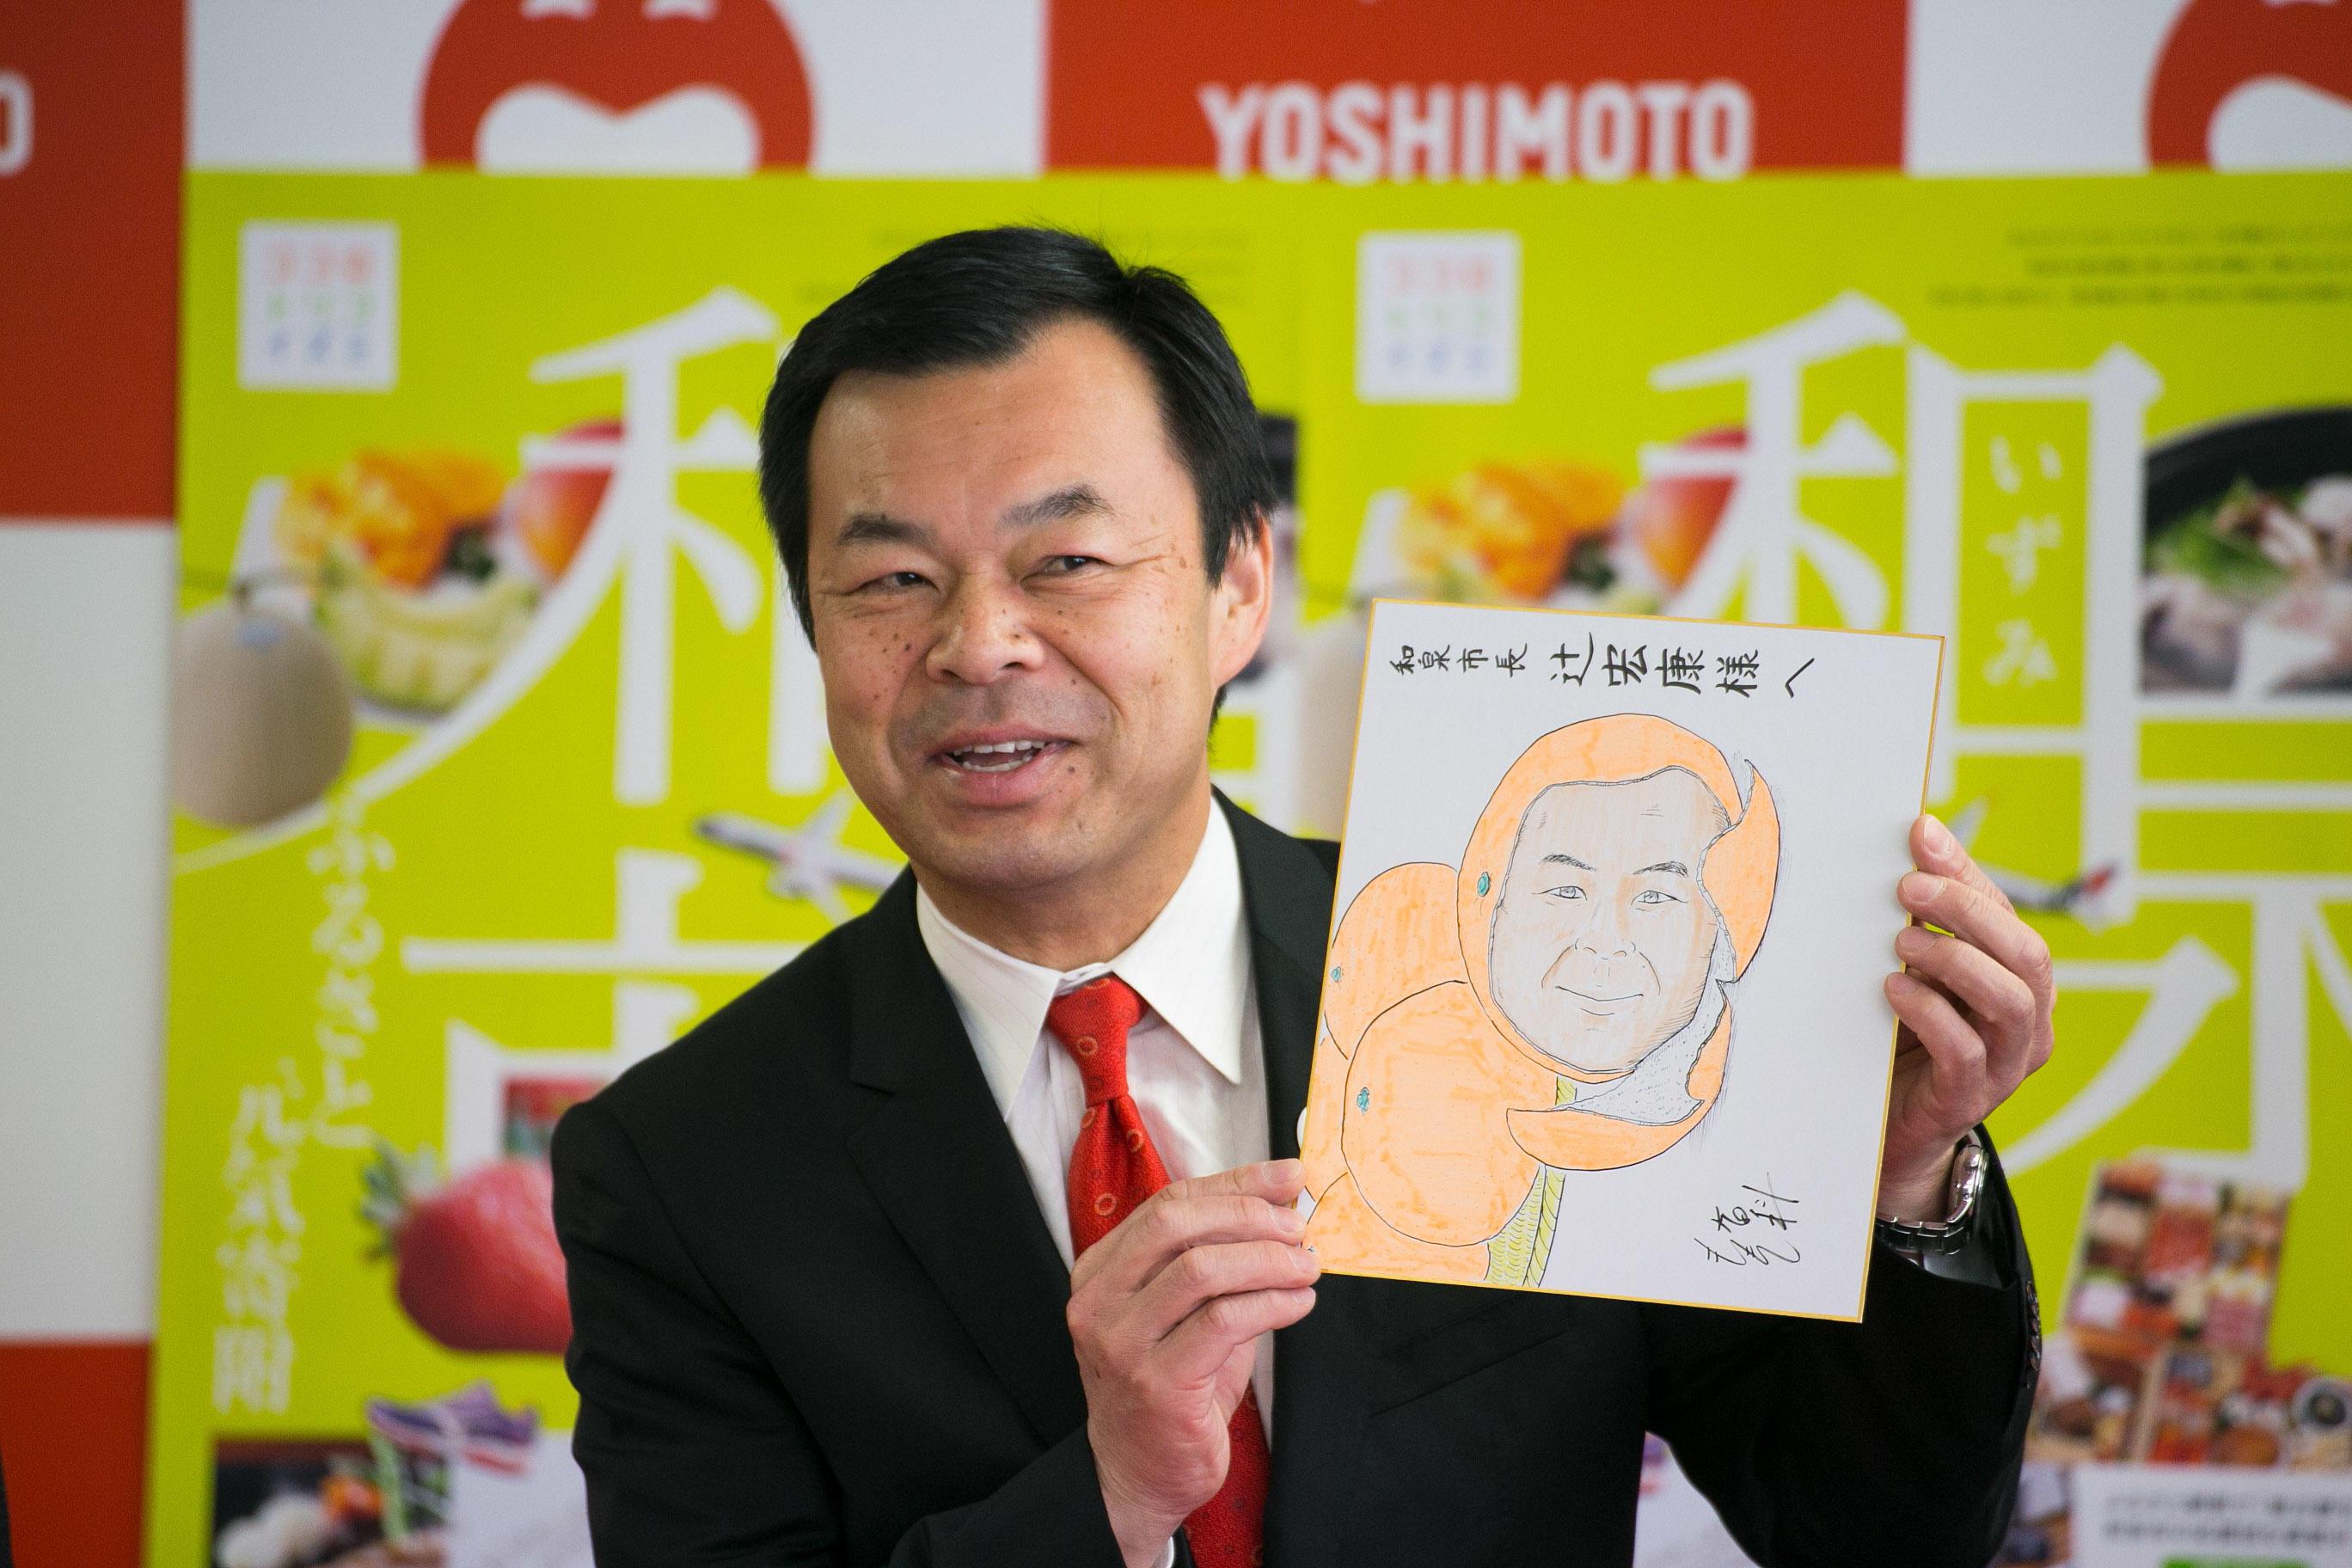 http://news.yoshimoto.co.jp/20180410141026-3a422b962cc18fcf916967164962b4849f980919.jpg